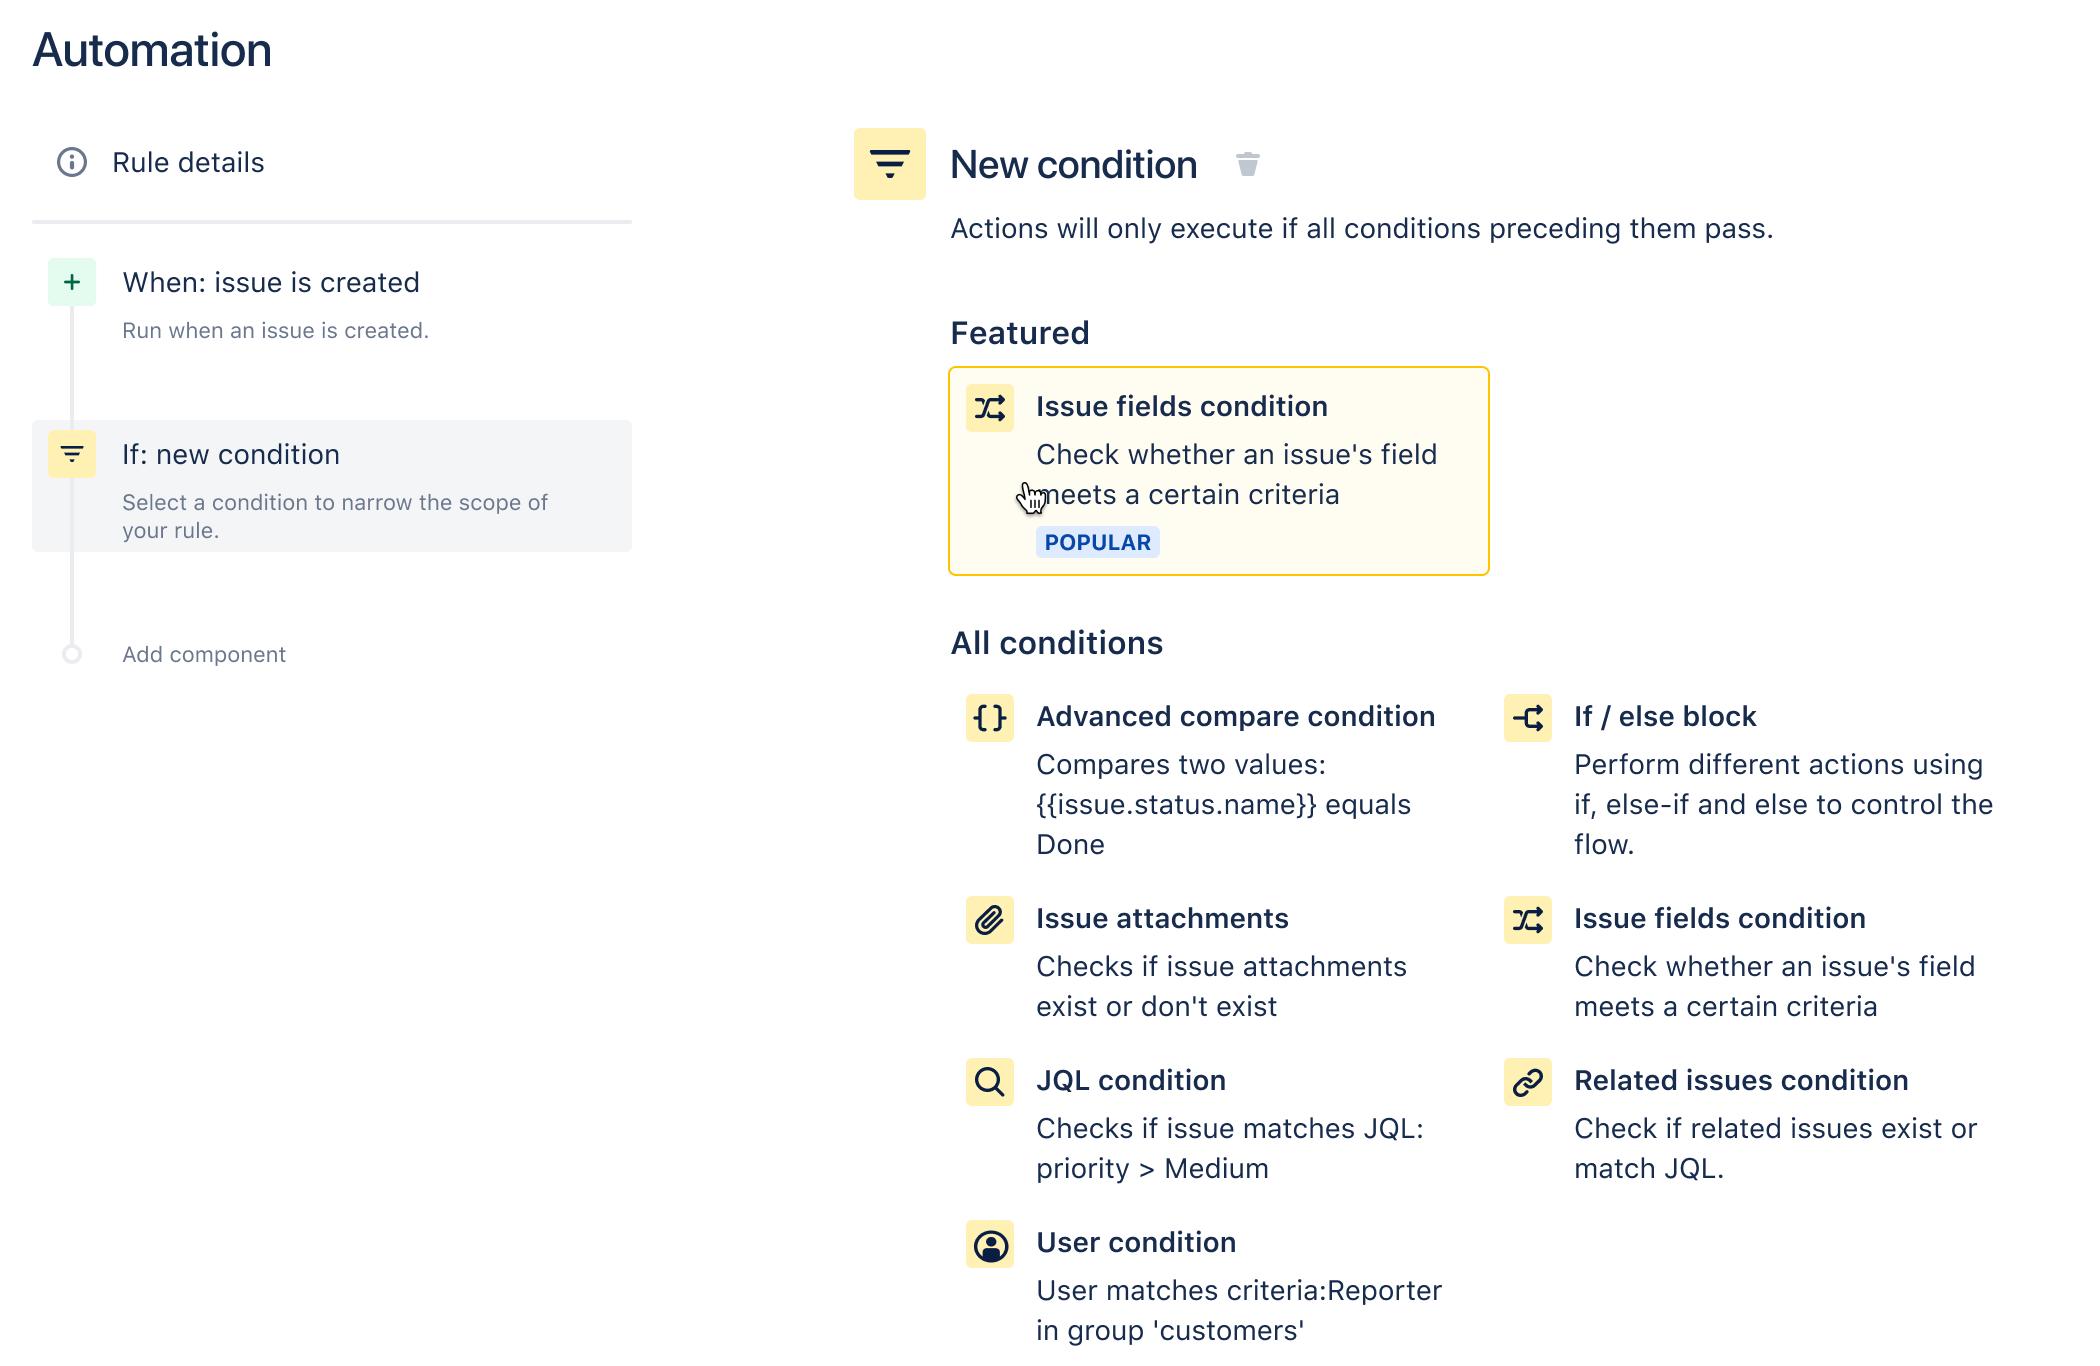 De lijst met beschikbare voorwaarden bij het aanmaken van een regel.